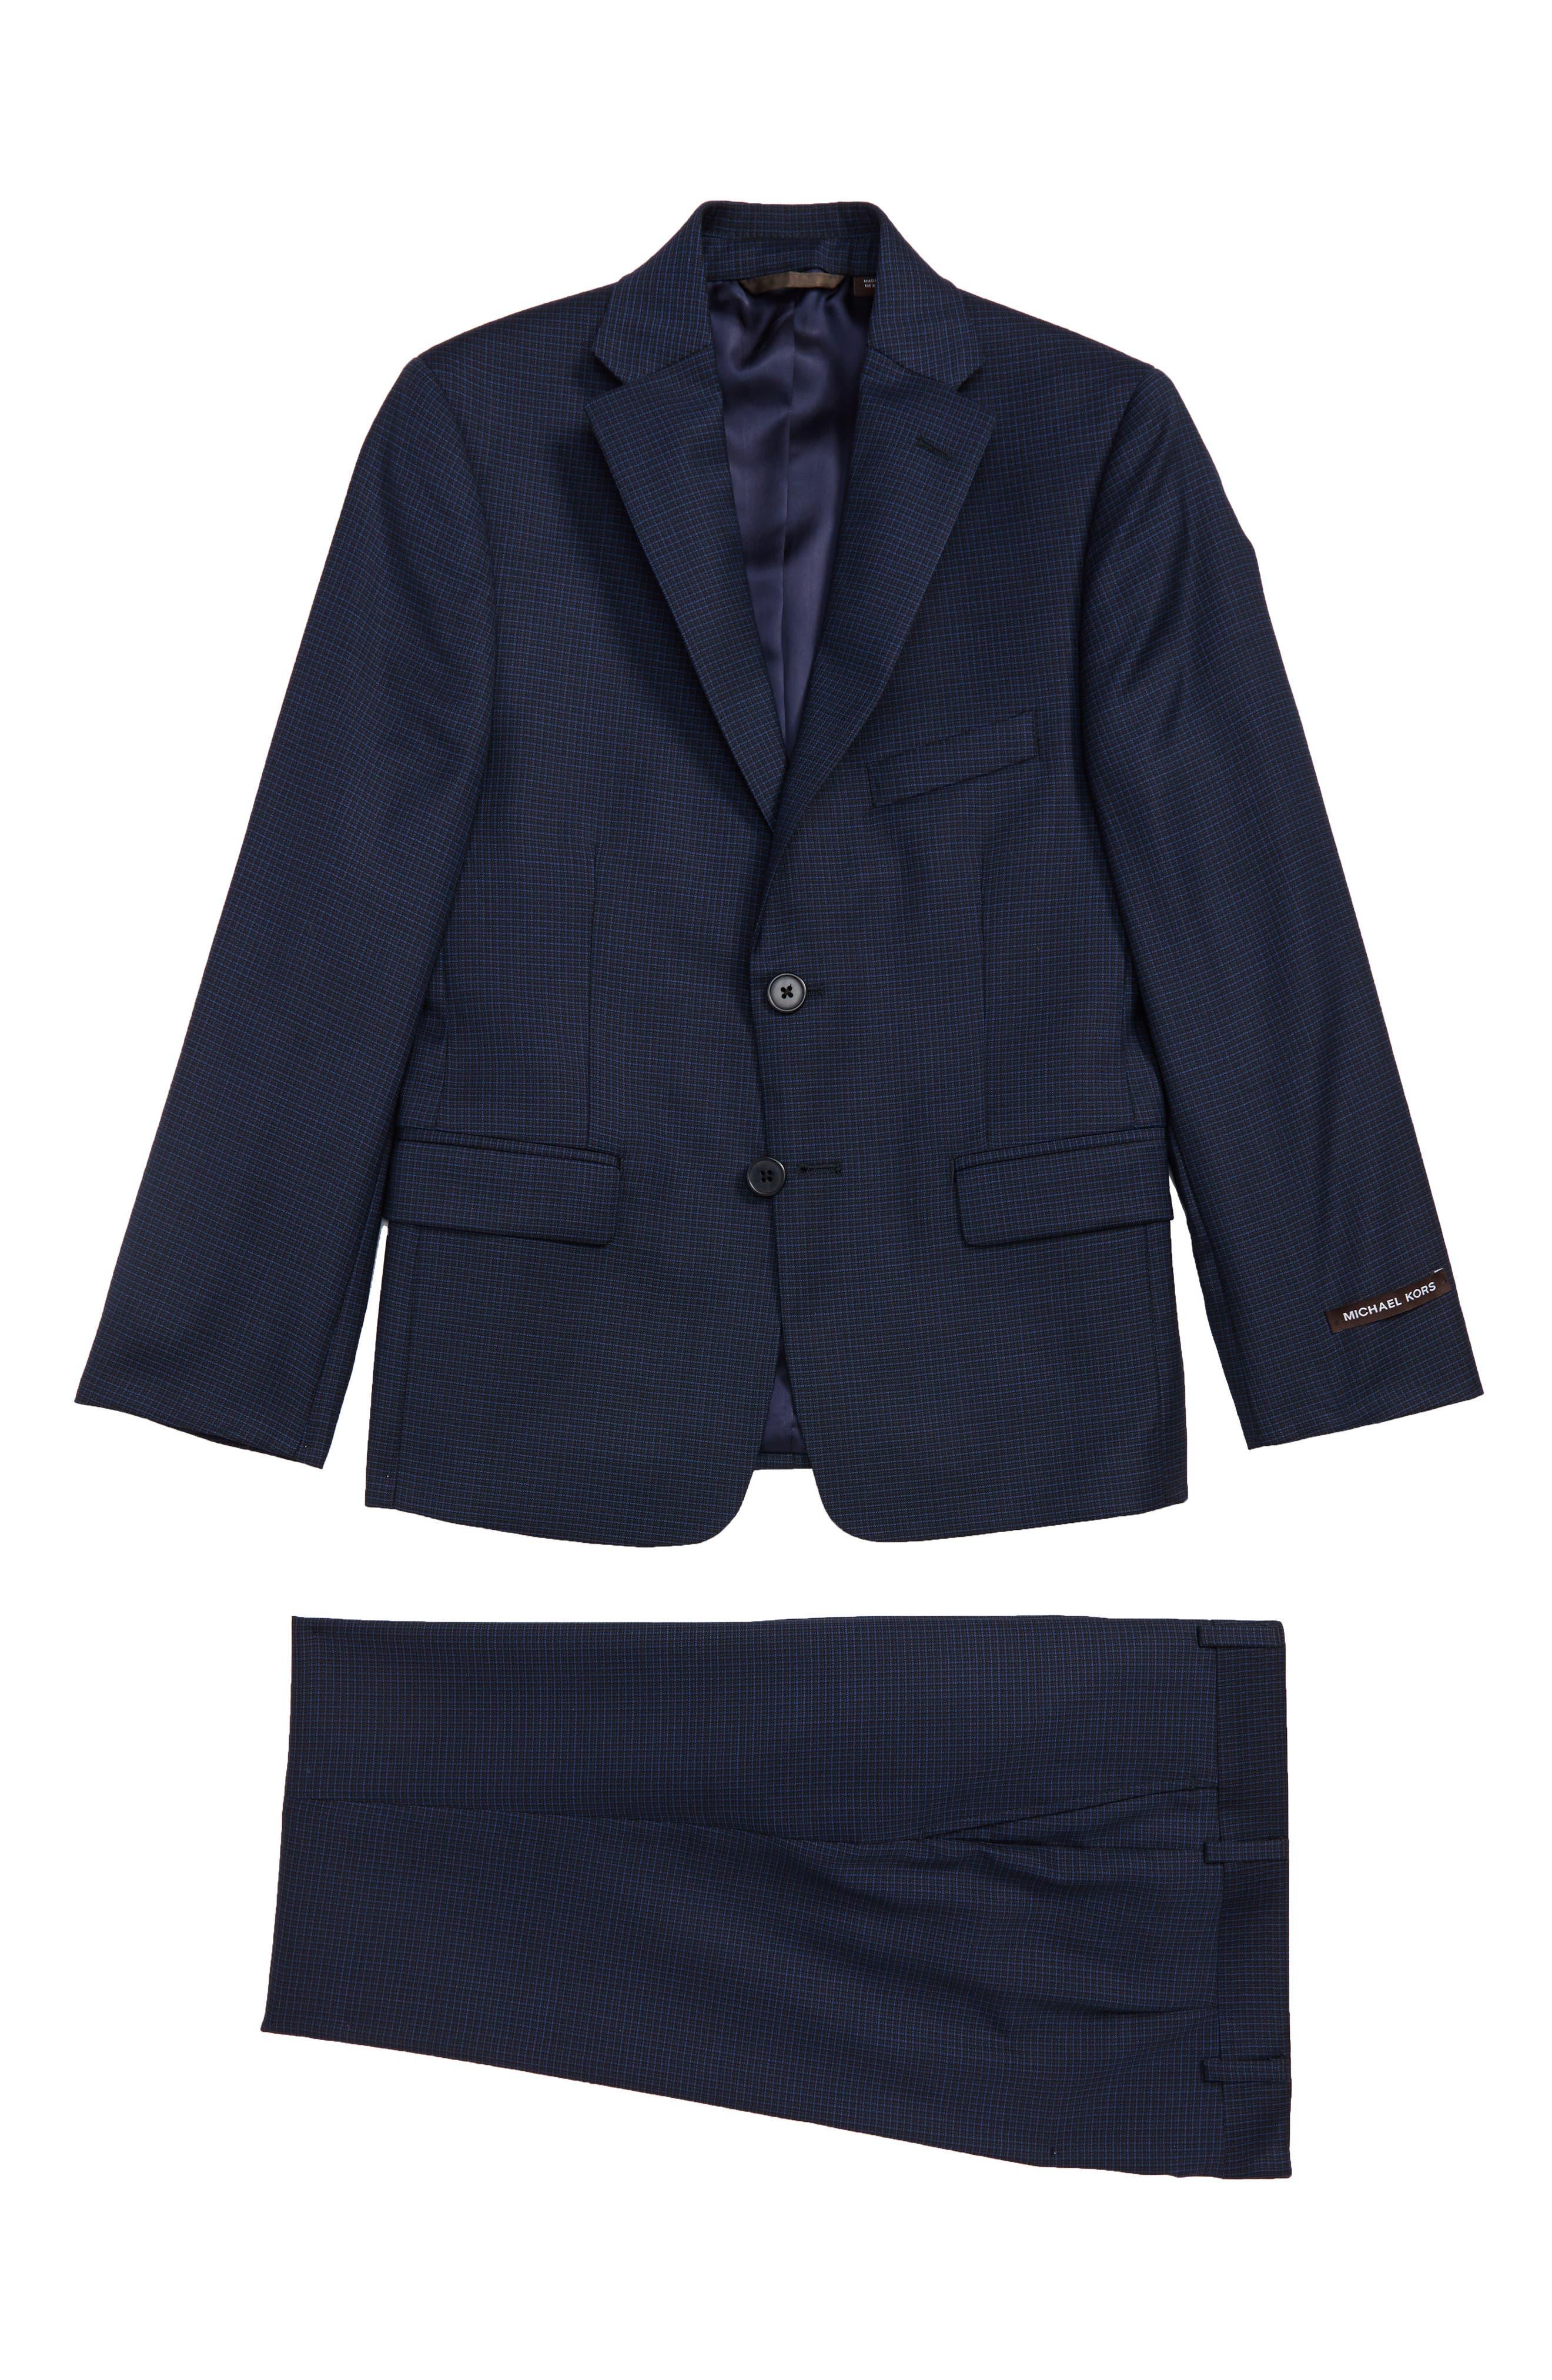 Mini Grid Wool Suit,                             Main thumbnail 1, color,                             BLACK/ BLUE